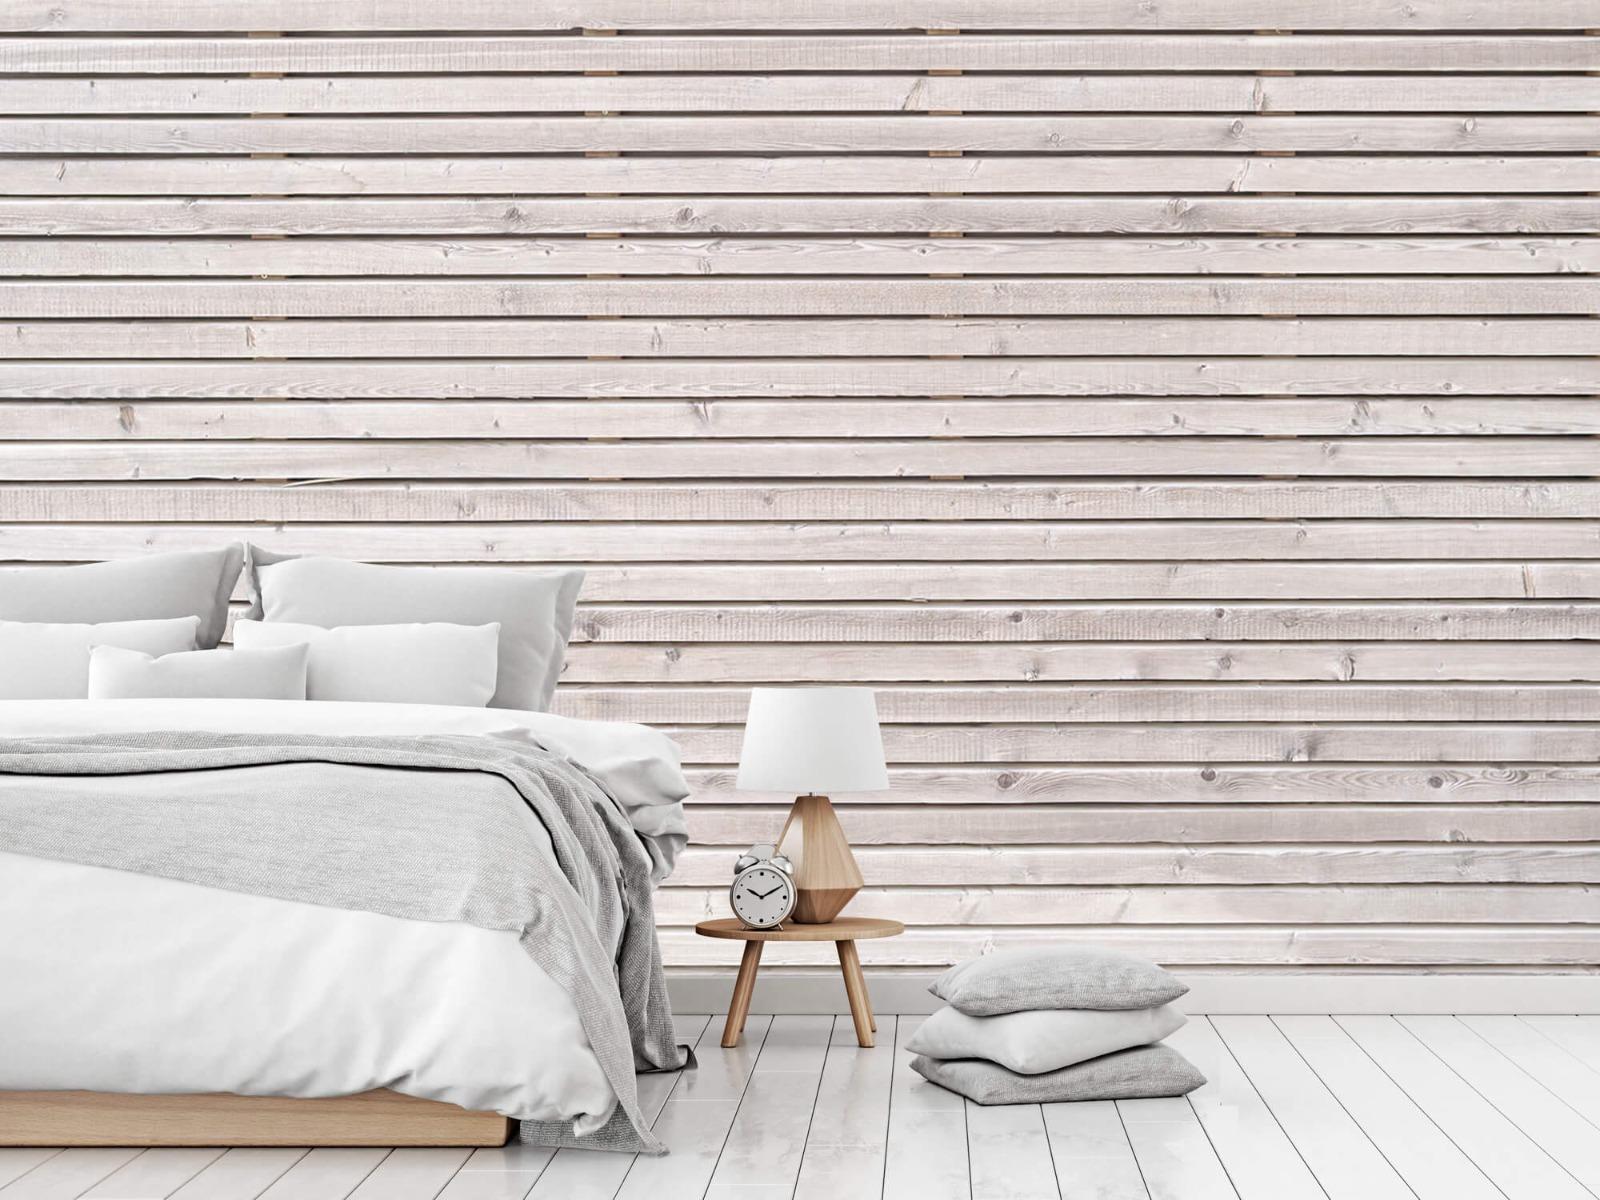 Hout behang - Horizontale planken - Wallexclusive - Woonkamer 2